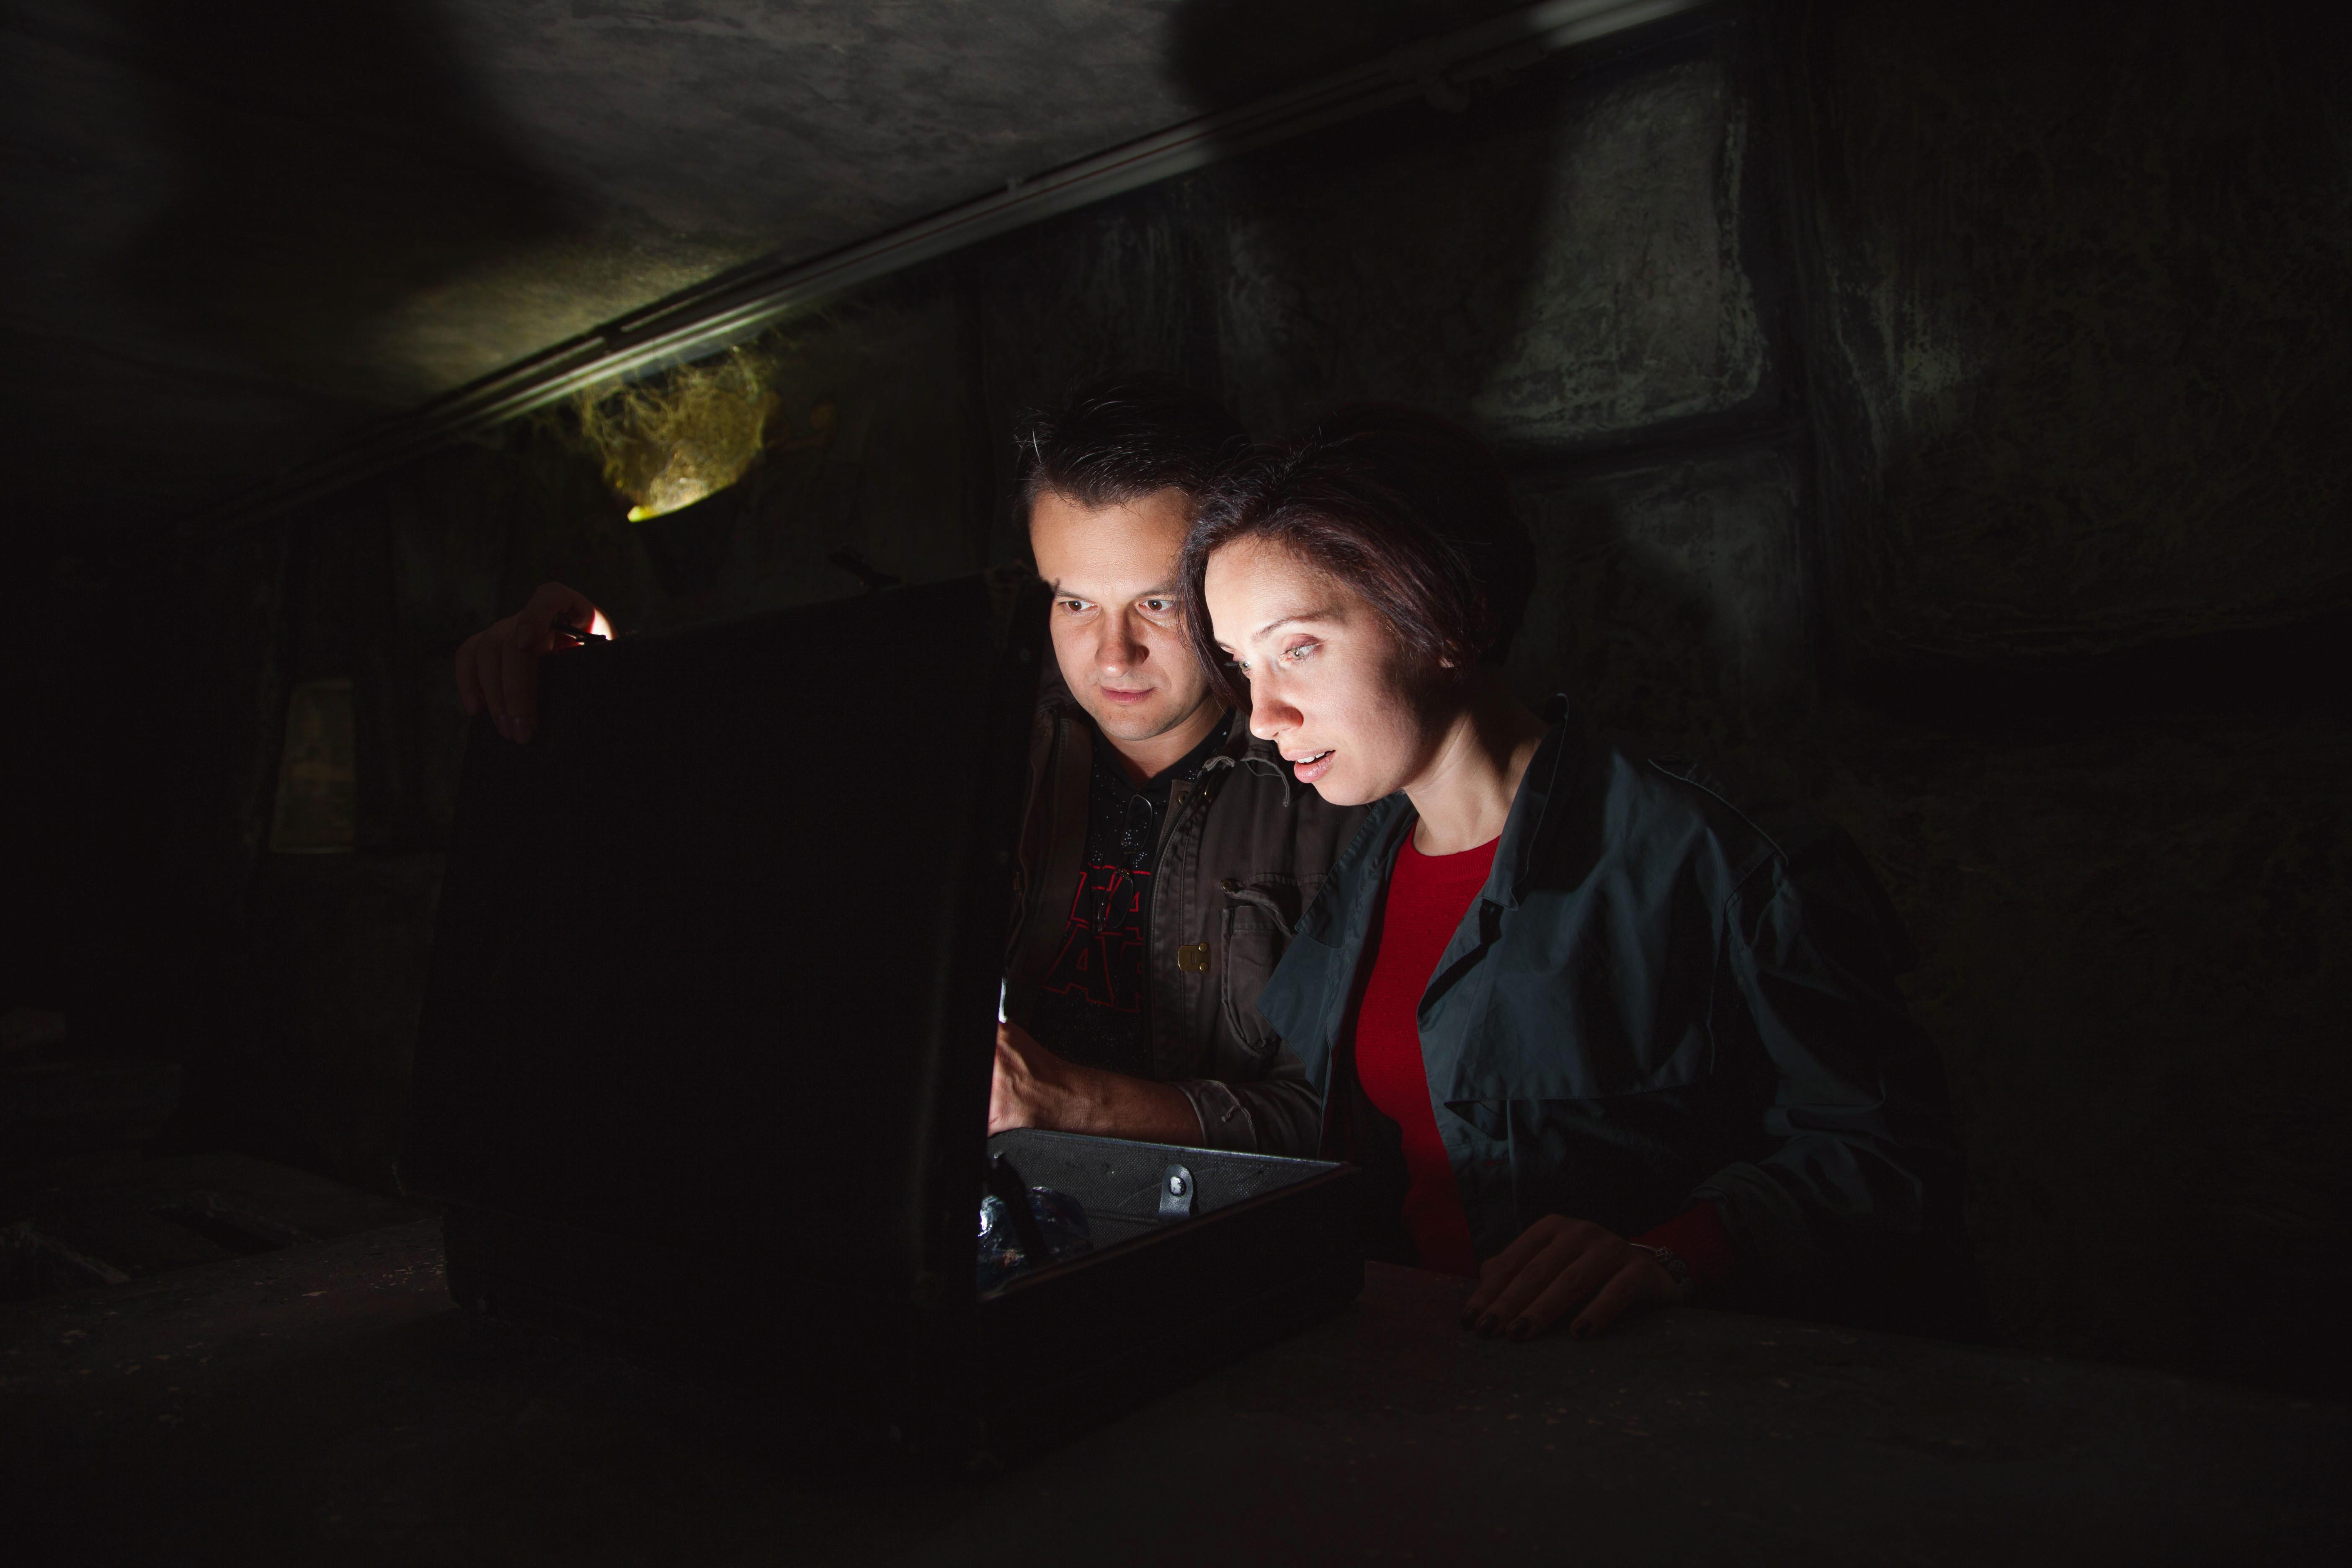 Романтический ужин в подземелье от сервиса романтики Альтечо (8)